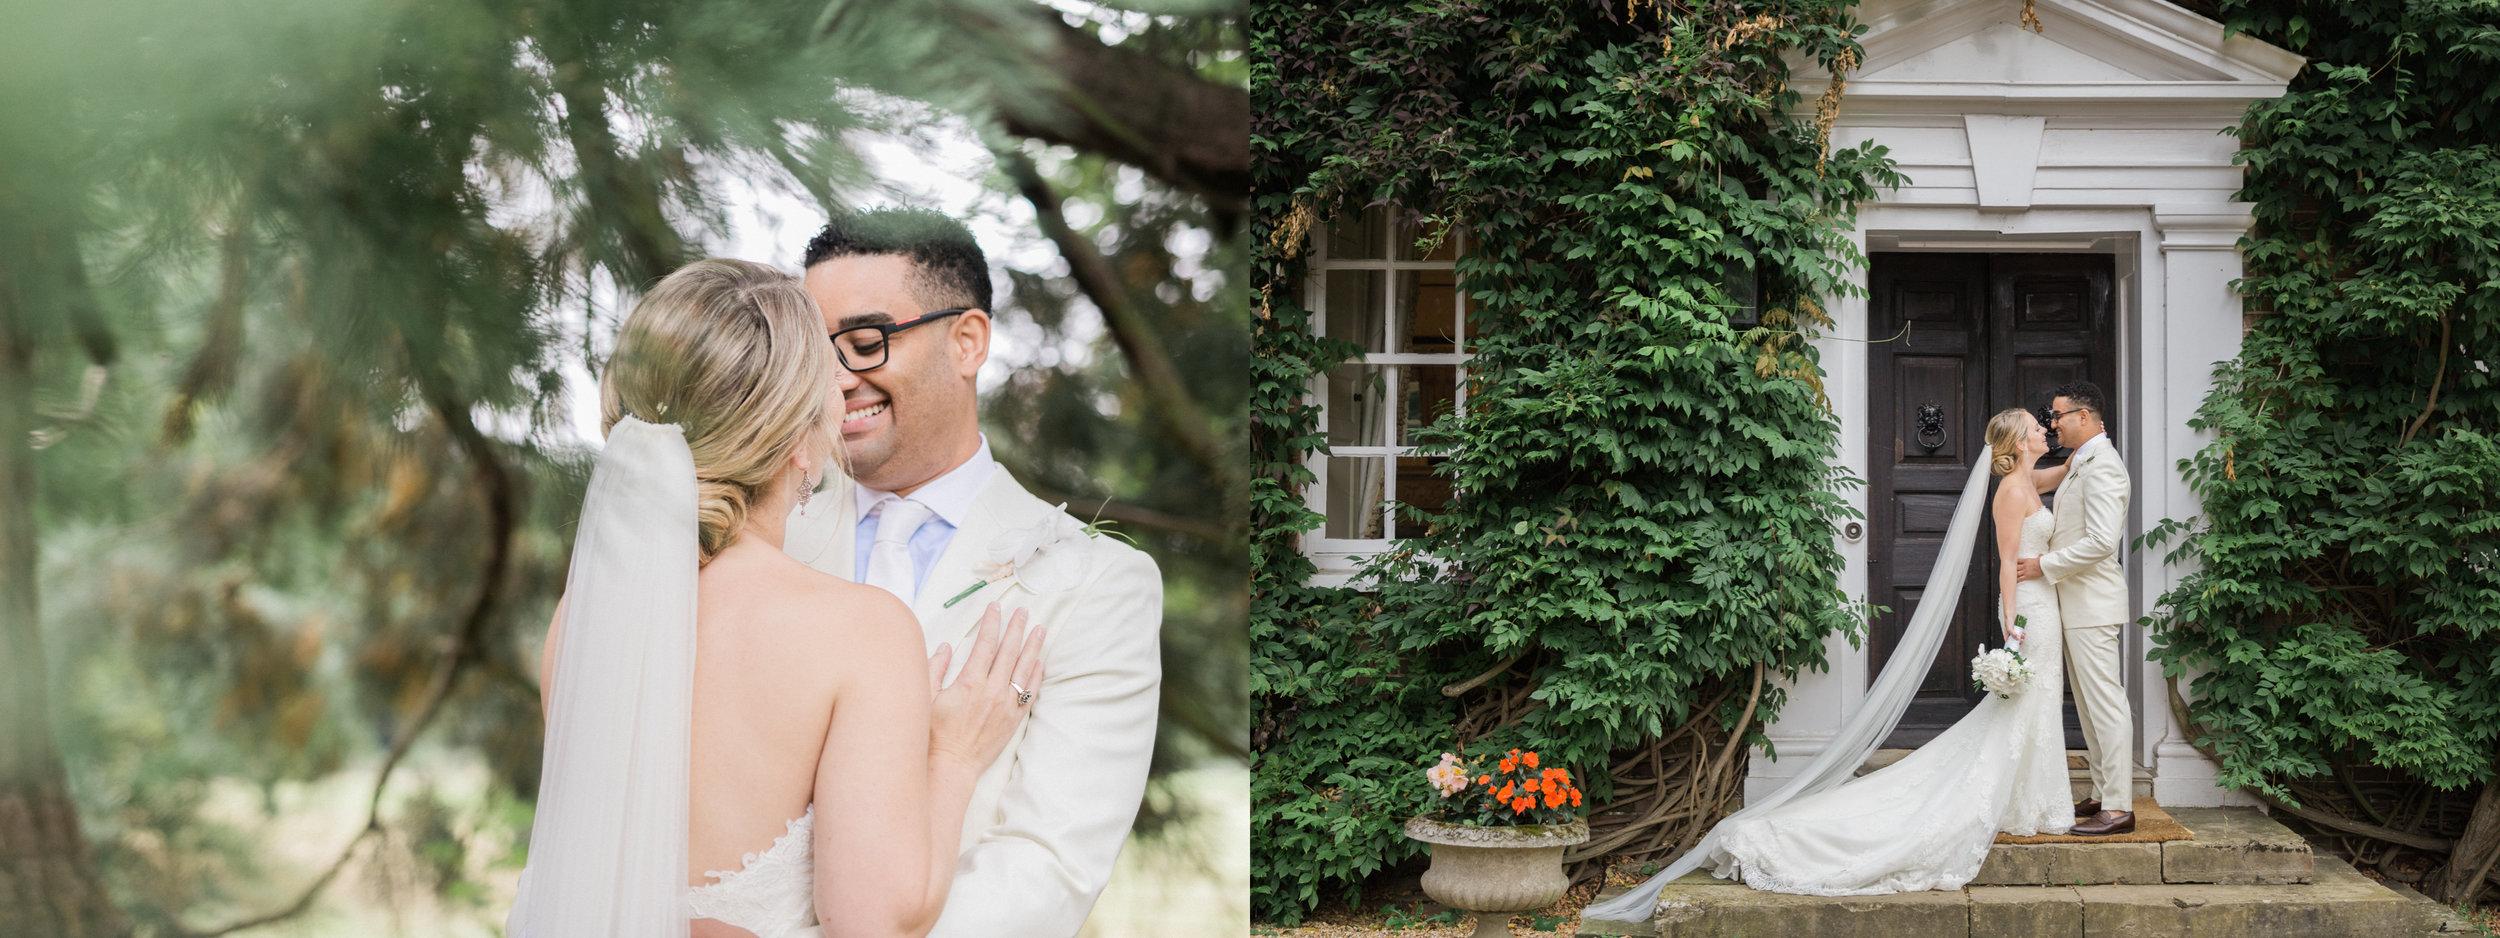 Chen Sands Photo Kent Wedding Photographer Sprivers Mansion 7.jpg